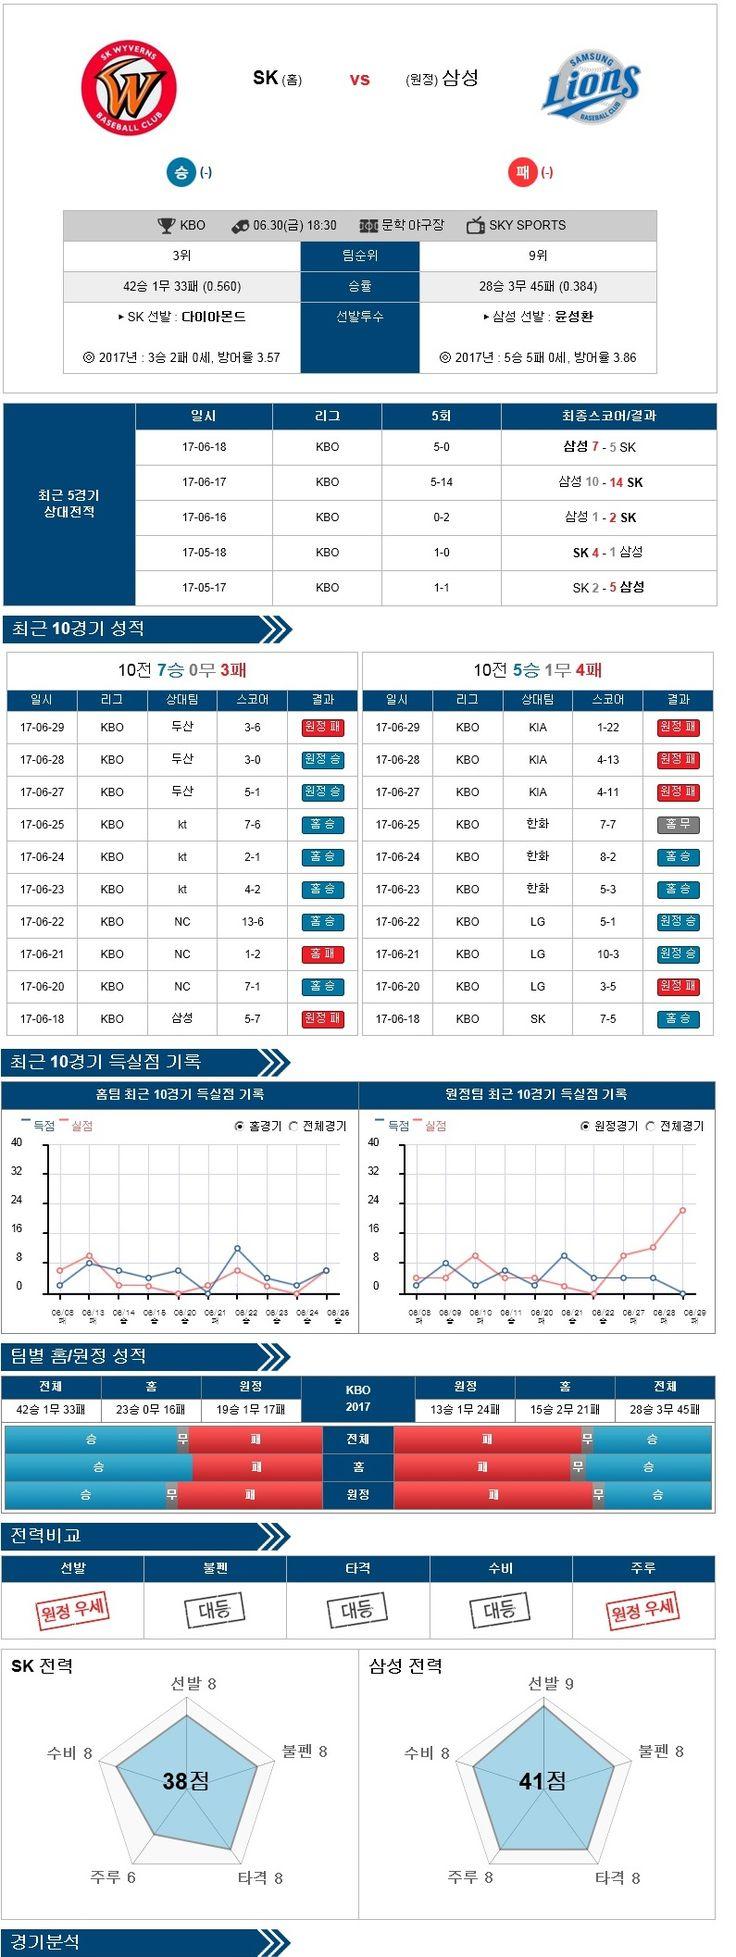 [KBO] 6월 30일 야구분석픽 SK vs 삼성 ★토토군 분석픽★